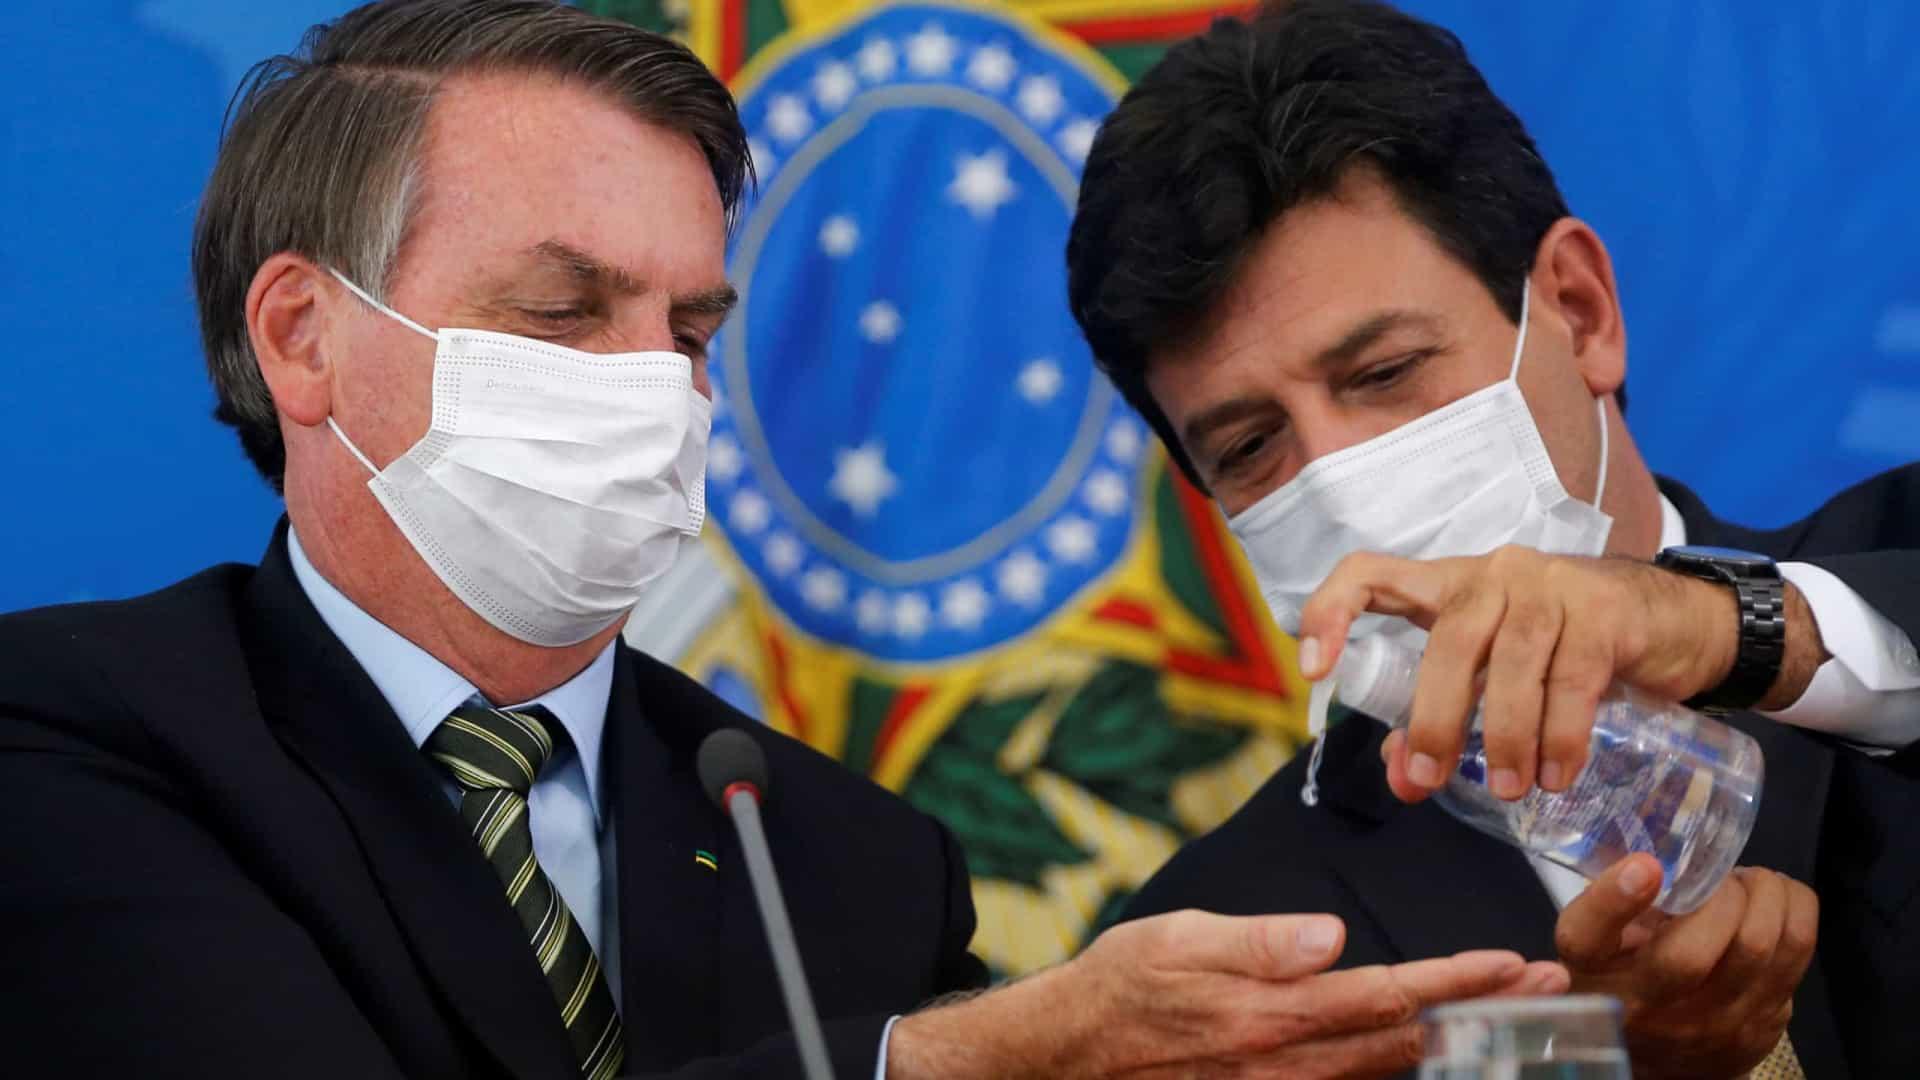 Servidores prepararam até homenagem pra Mandetta, mas Bolsonaro teria recuado sobre demissão